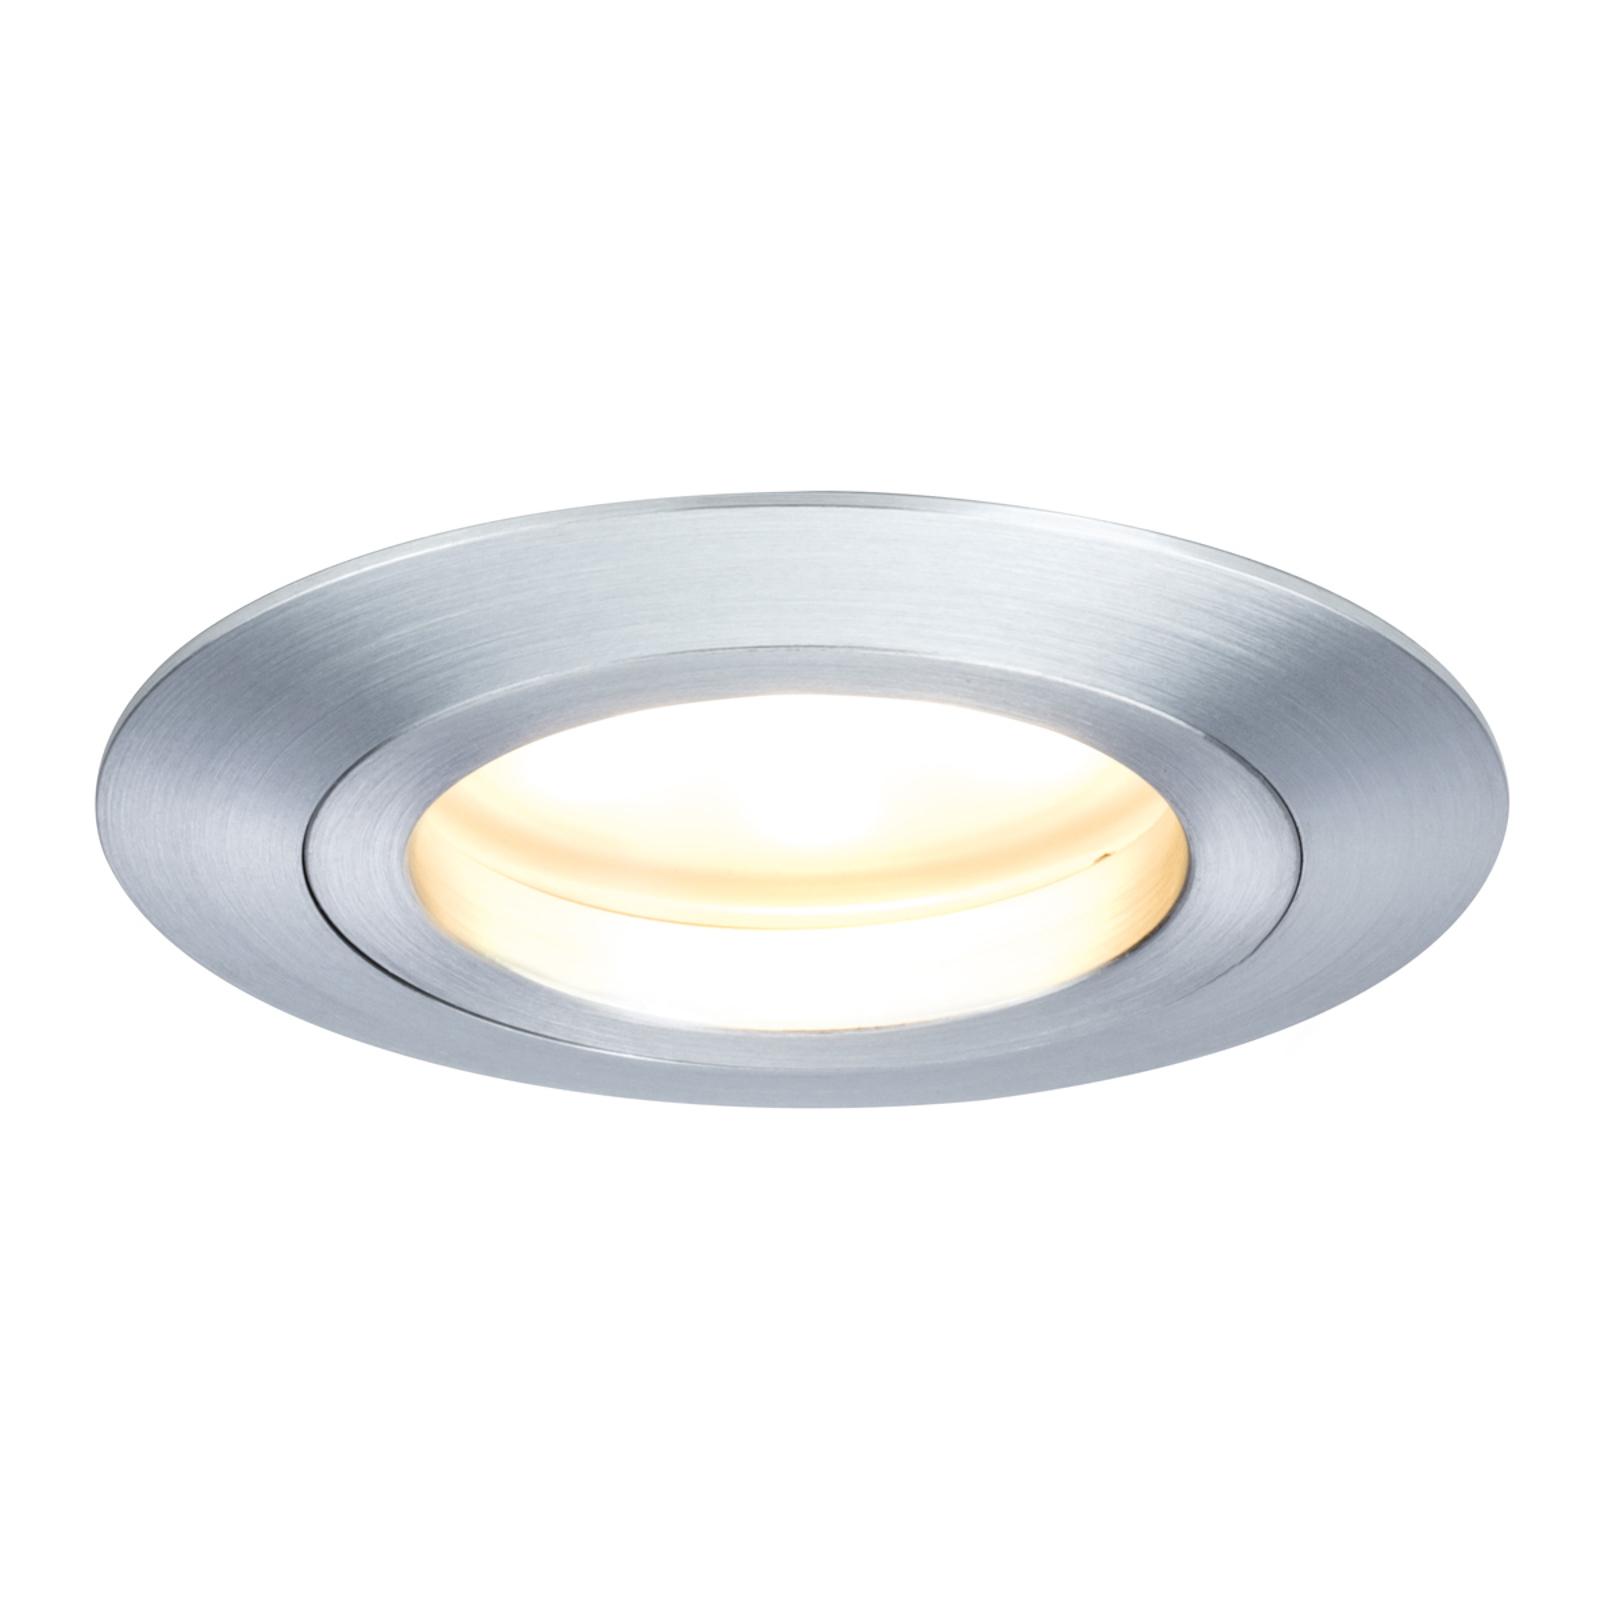 Lampe LED encastrable couleur aluminium Coin IP44